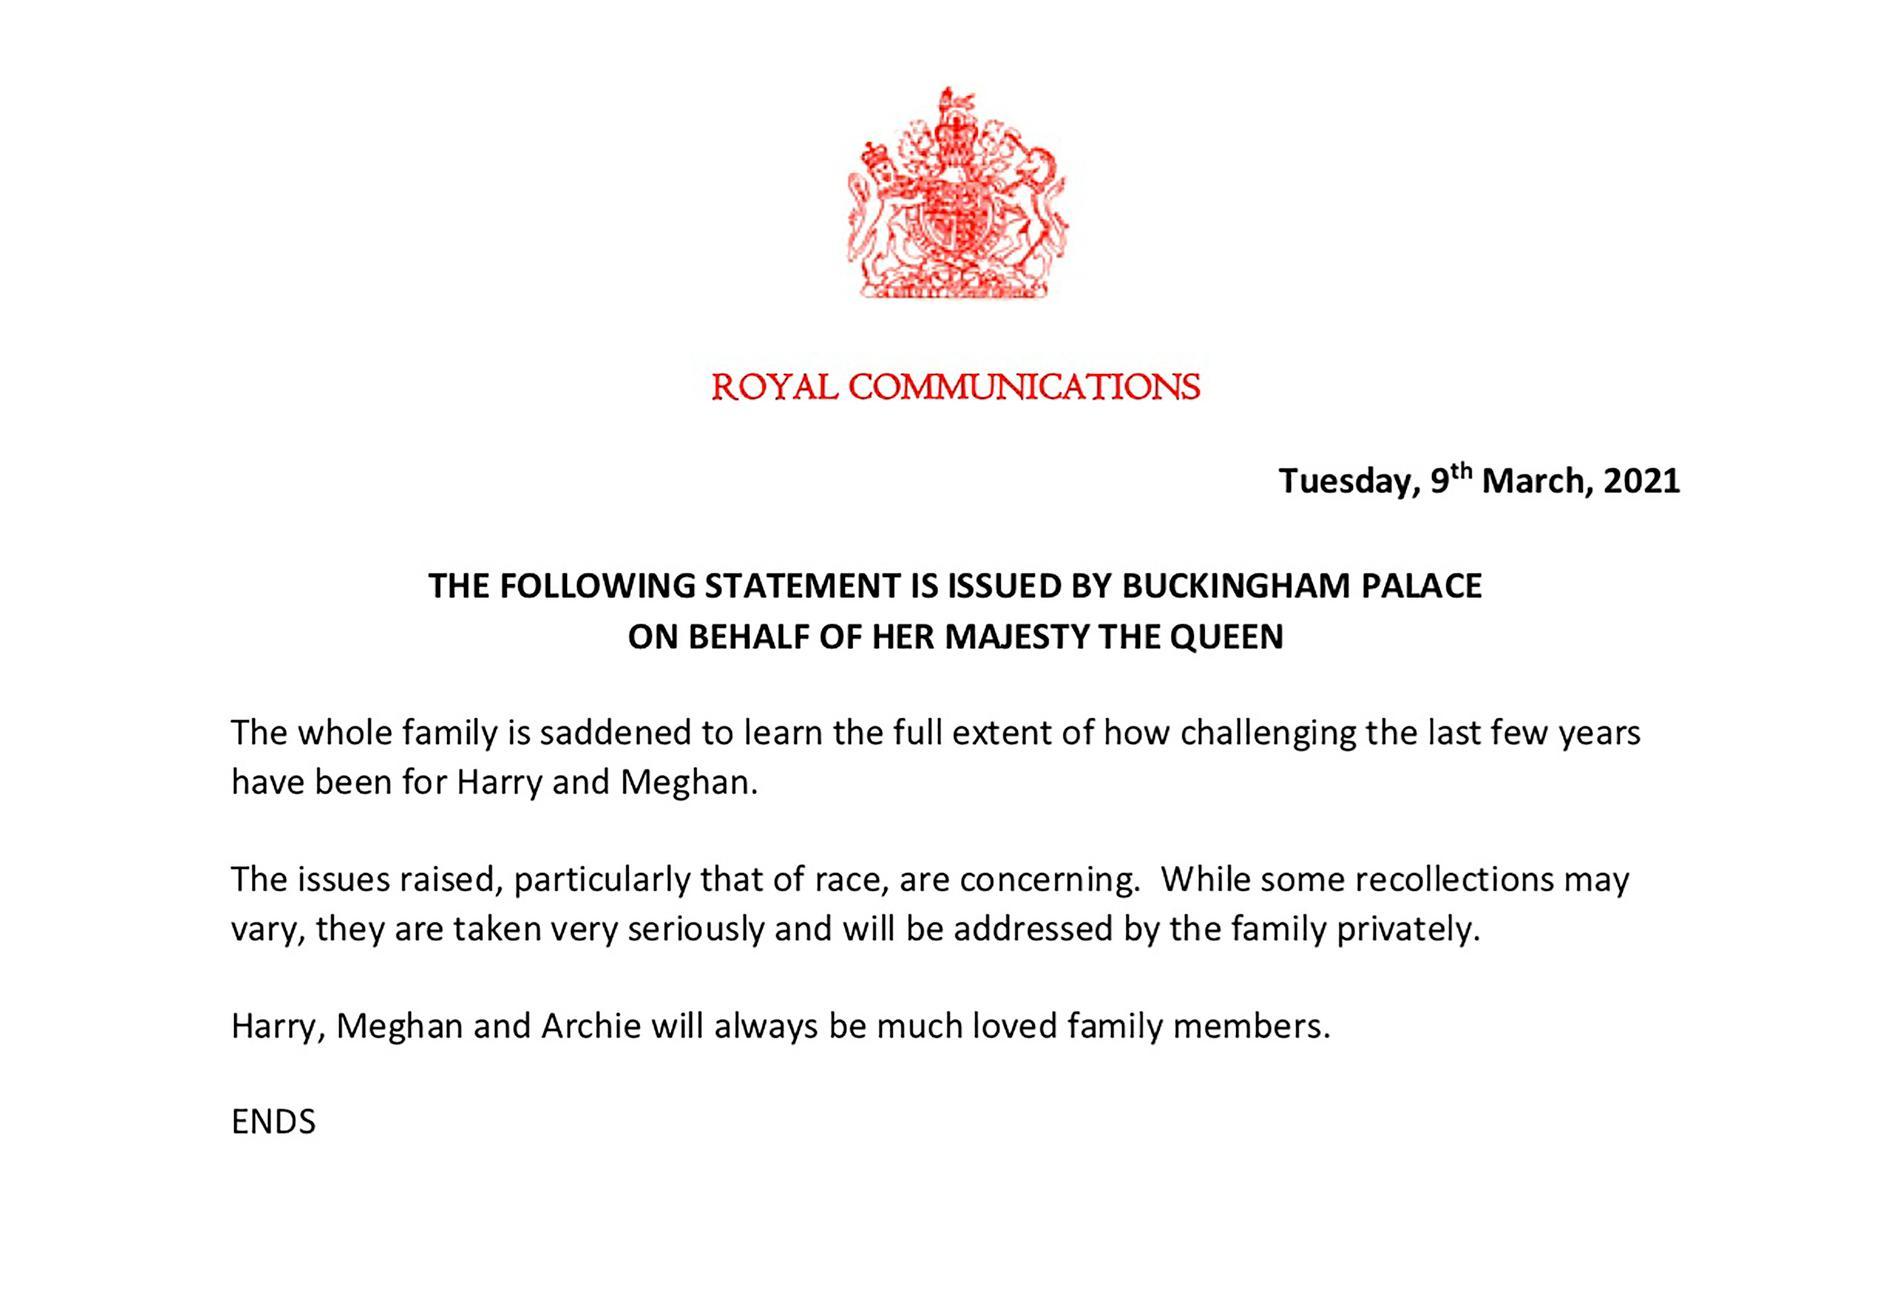 Drottningens uttalande efter den uppmärksammade intervjun.